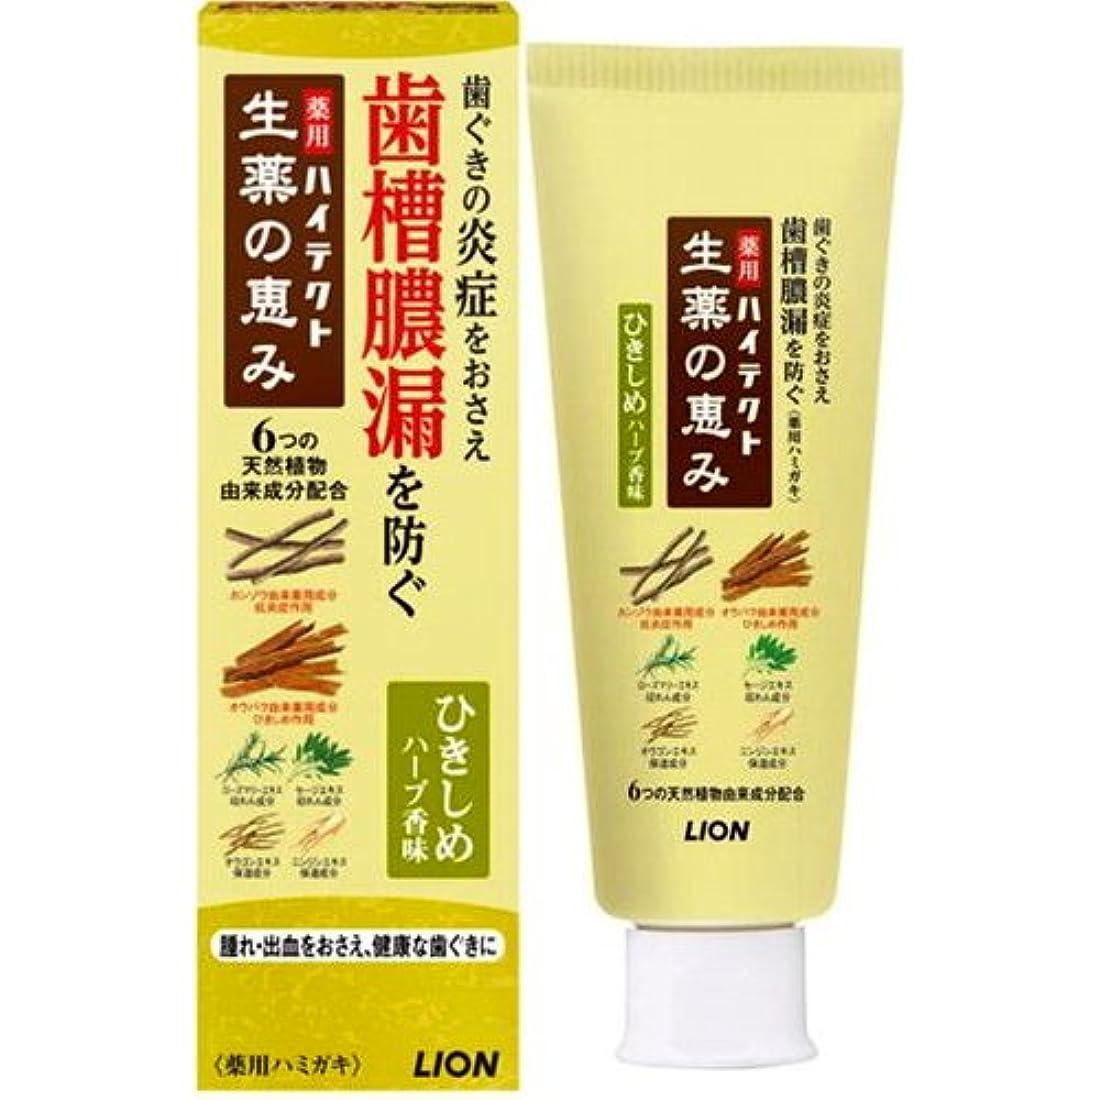 群集振動させる任意【ライオン】ハイテクト 生薬の恵み ひきしめハーブ香味 90g ×3個セット